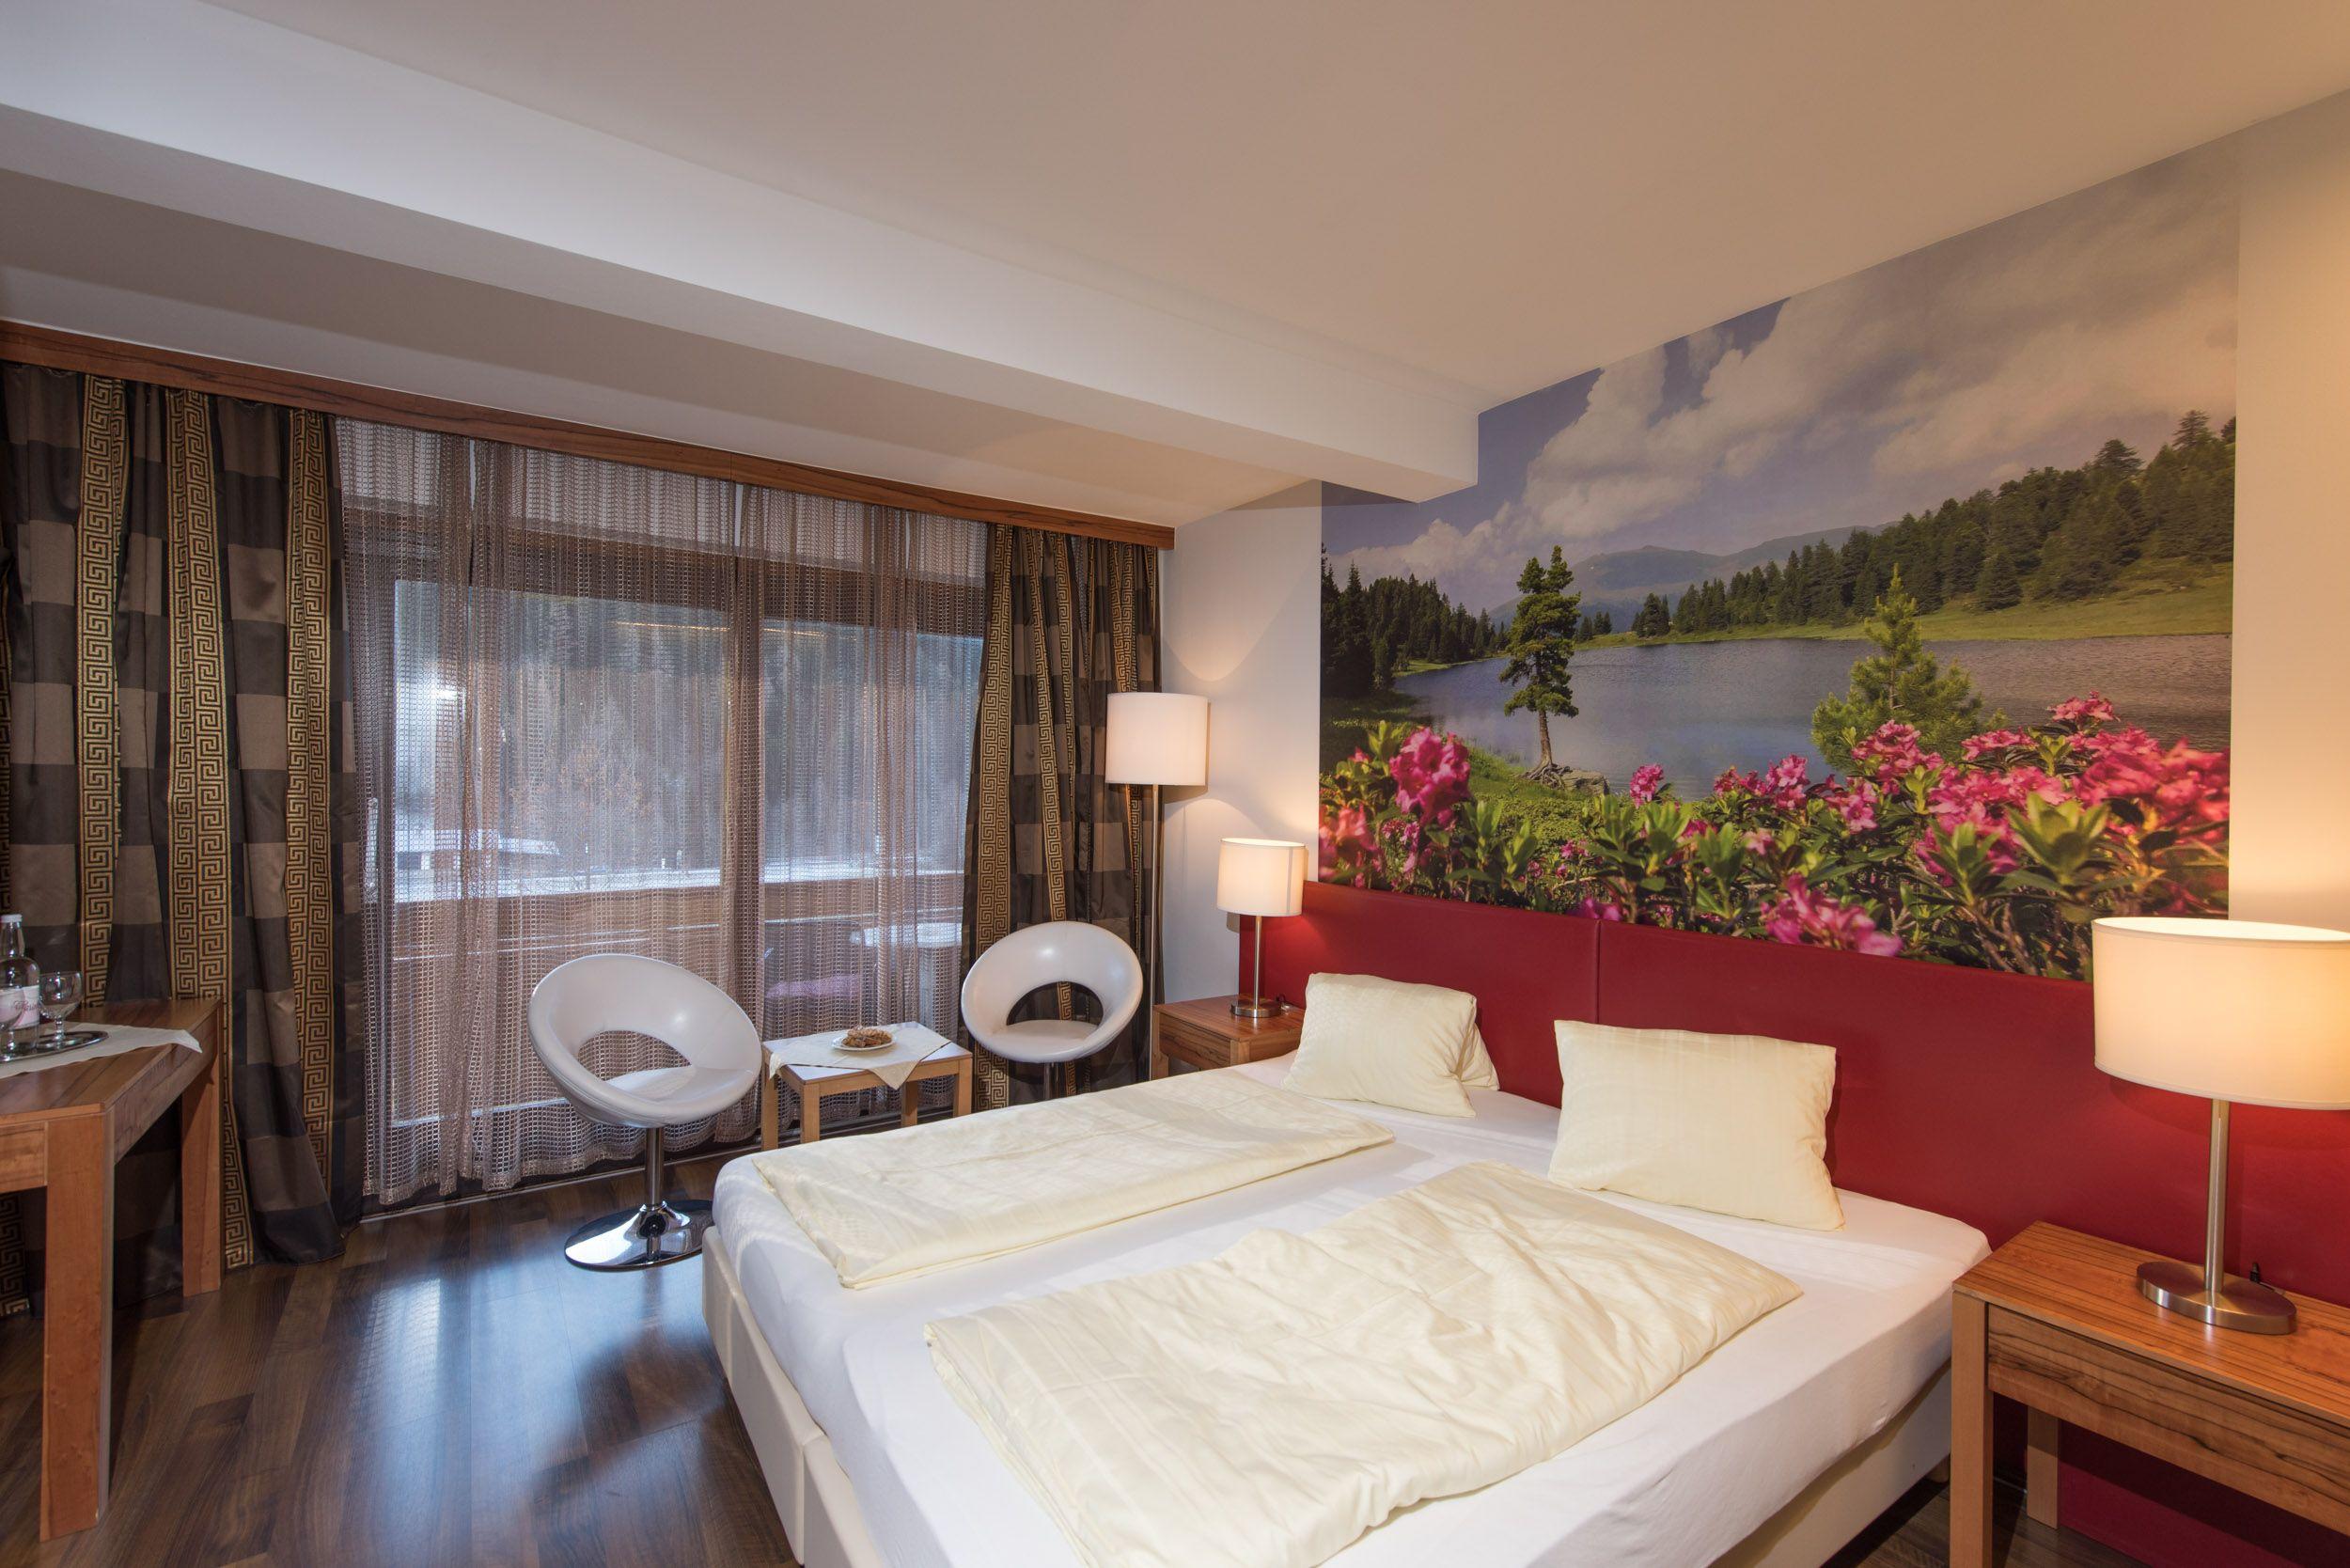 Doppelzimmer Almrausch**** - top renoviert für unsere Gäste www.almrausch.co.at